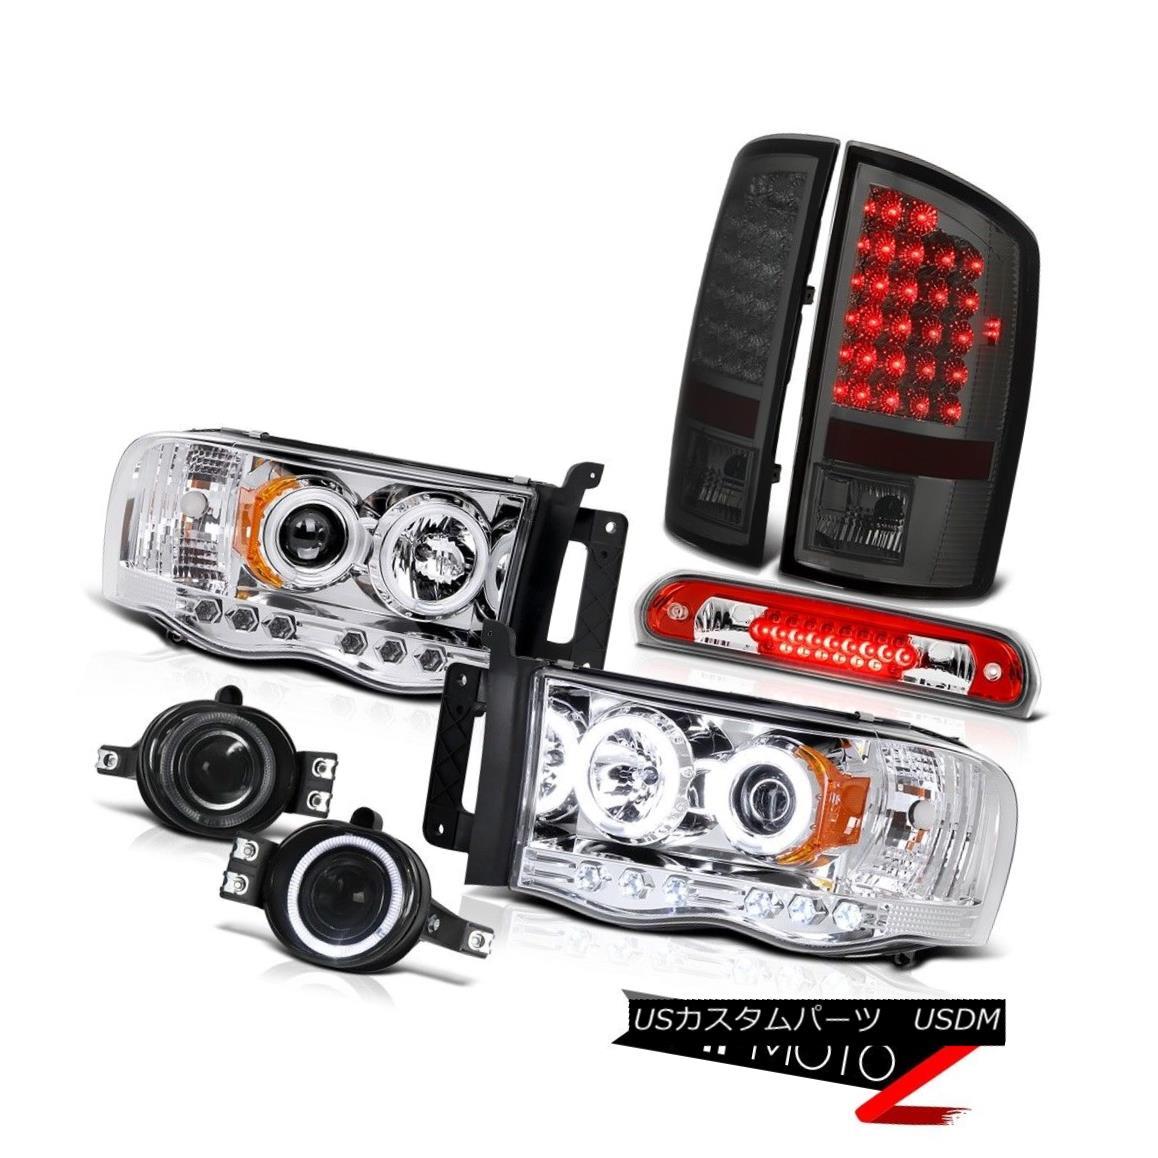 テールライト 02-05 Ram WS CCFL Tech Pkg Headlights LED Brake Lamps Driving Fog High Stop Red 02-05 Ram WS CCFL Tech PkgヘッドライトLEDブレーキランプフォグハイストップレッド